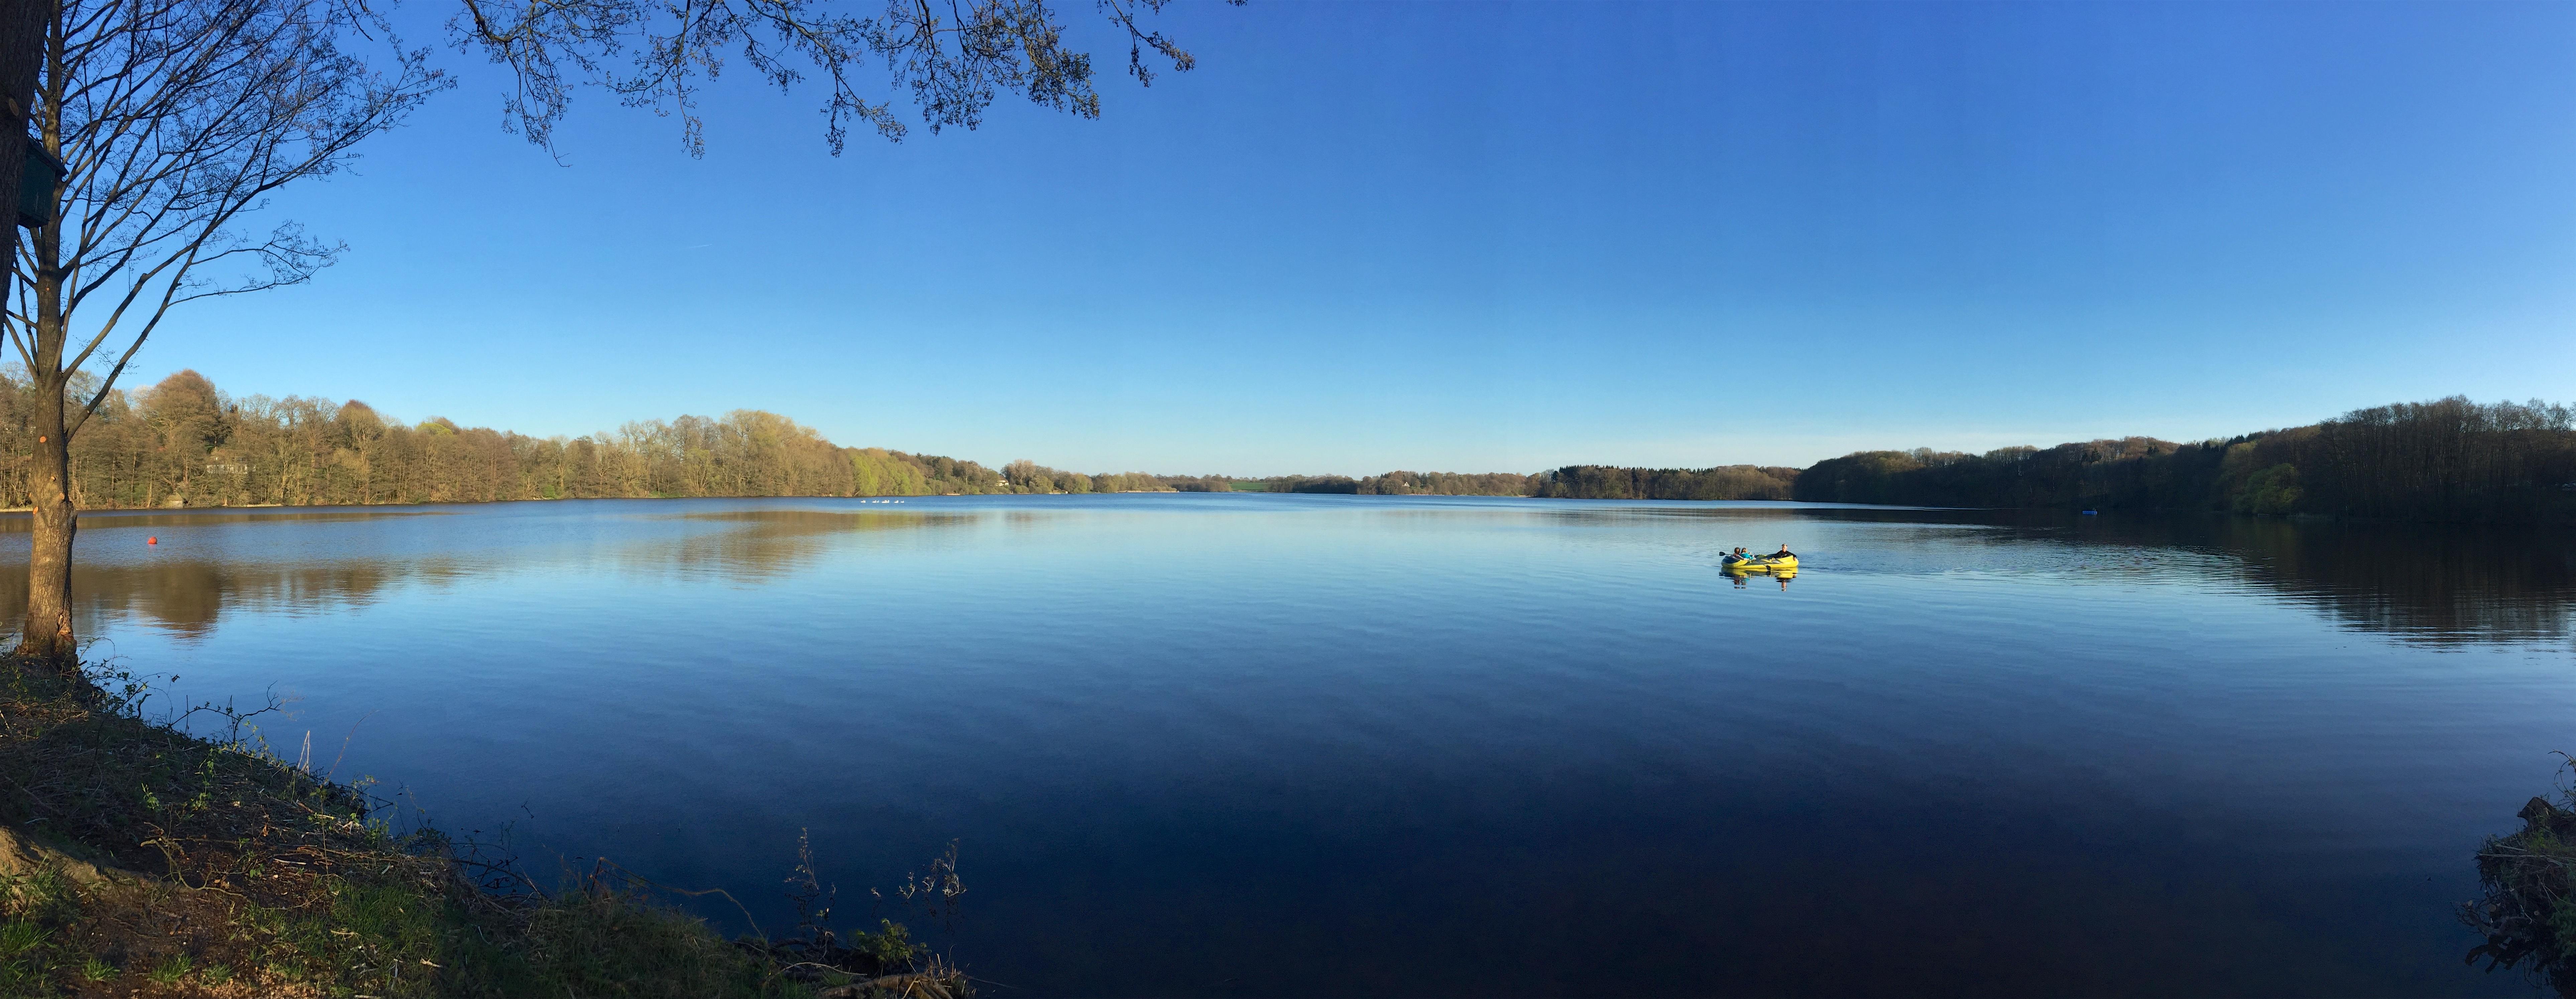 Mözener See von Wittenborn aus gesehen